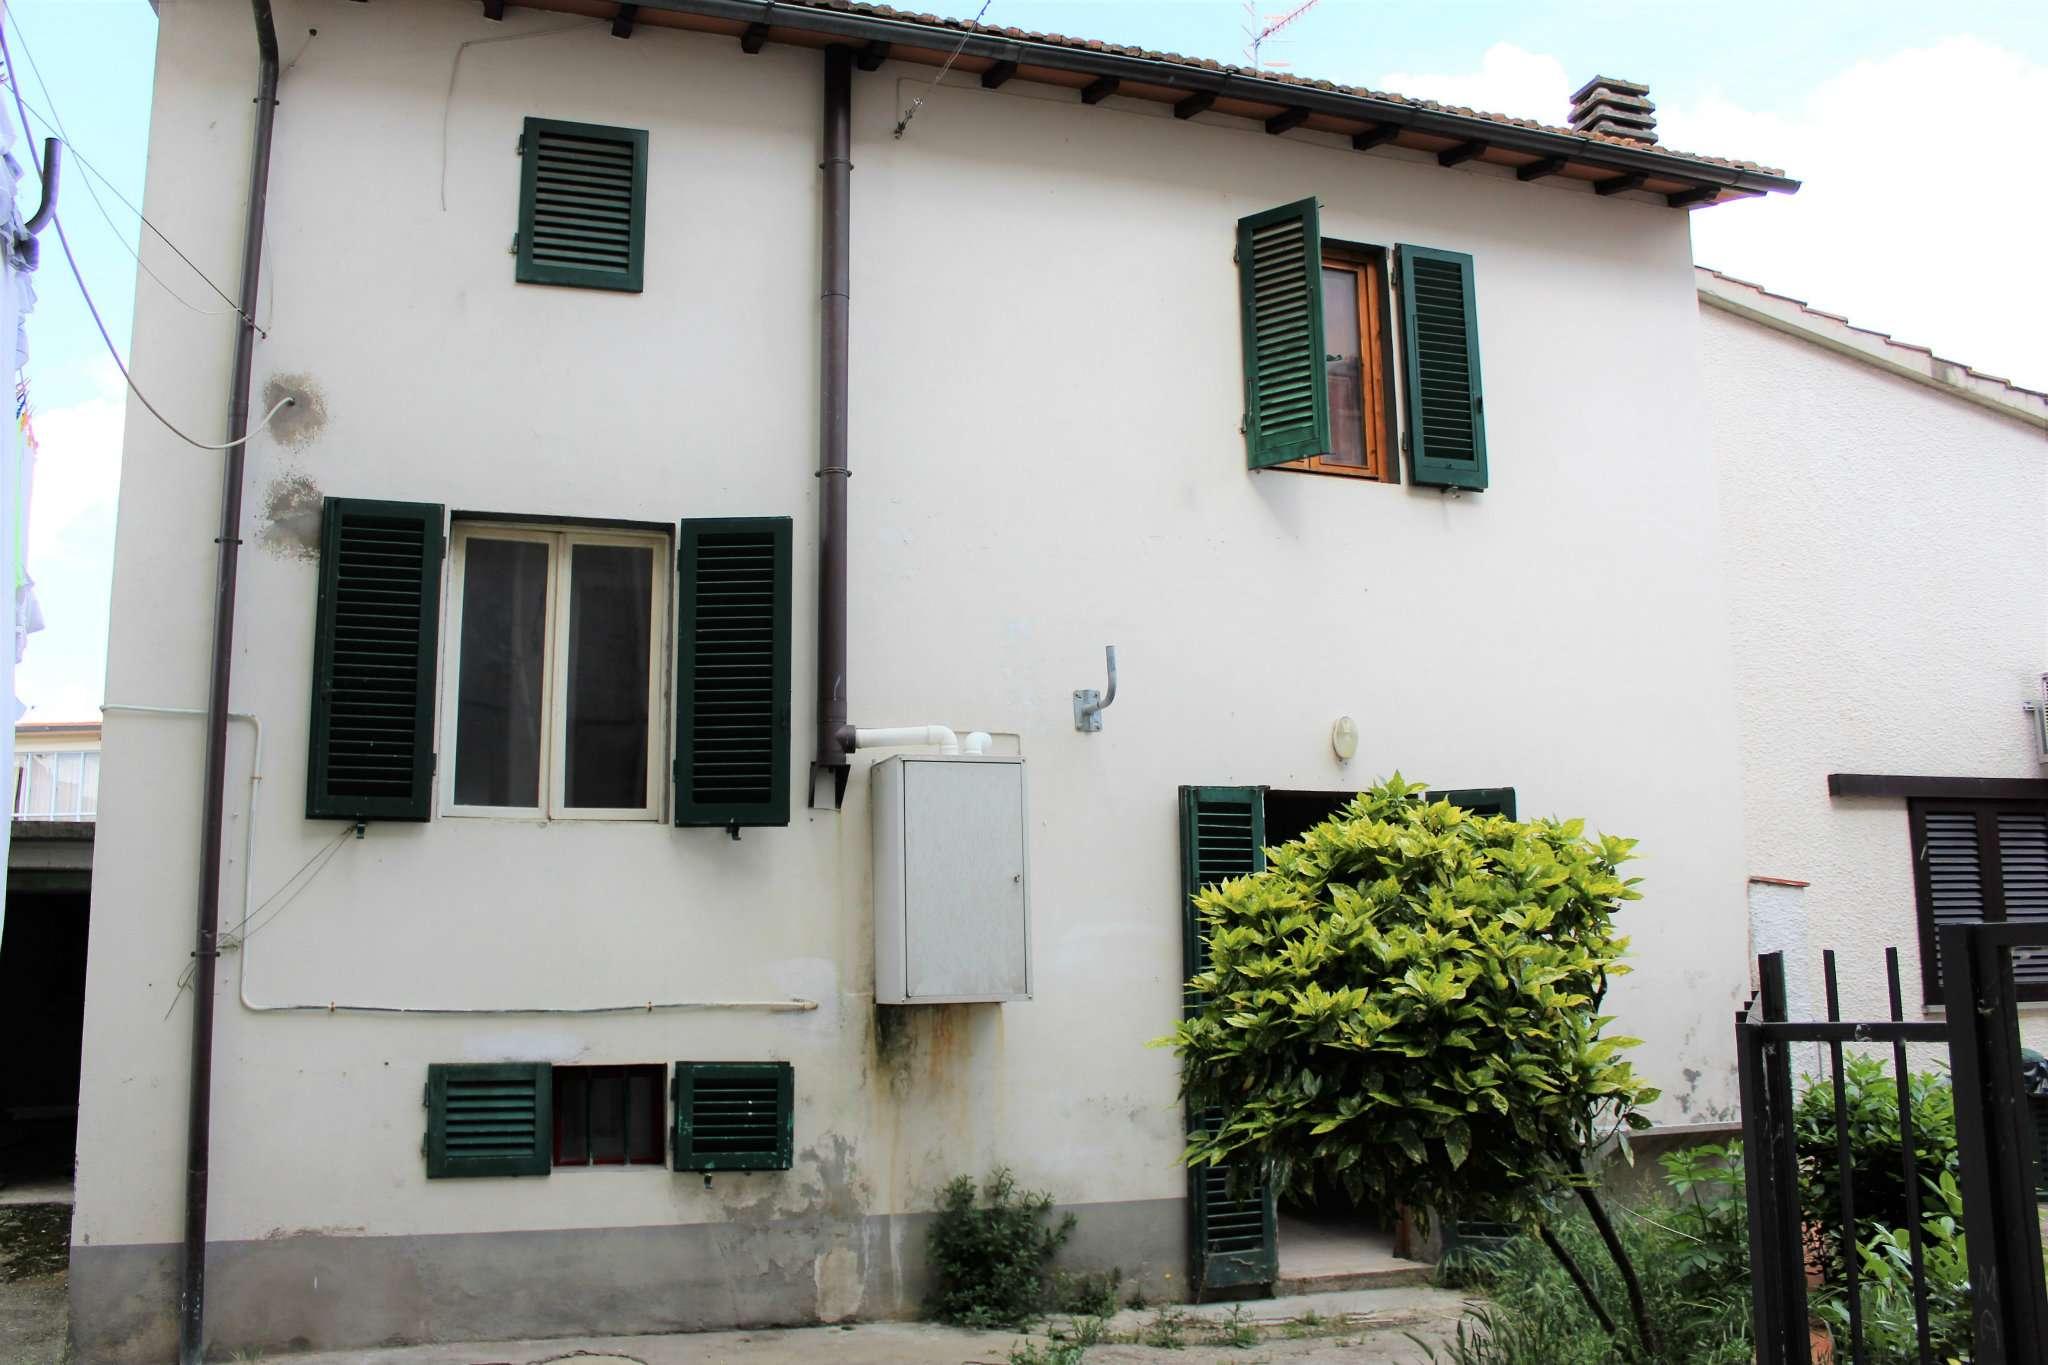 Palazzo / Stabile in vendita a Rufina, 5 locali, prezzo € 197.000 | Cambio Casa.it